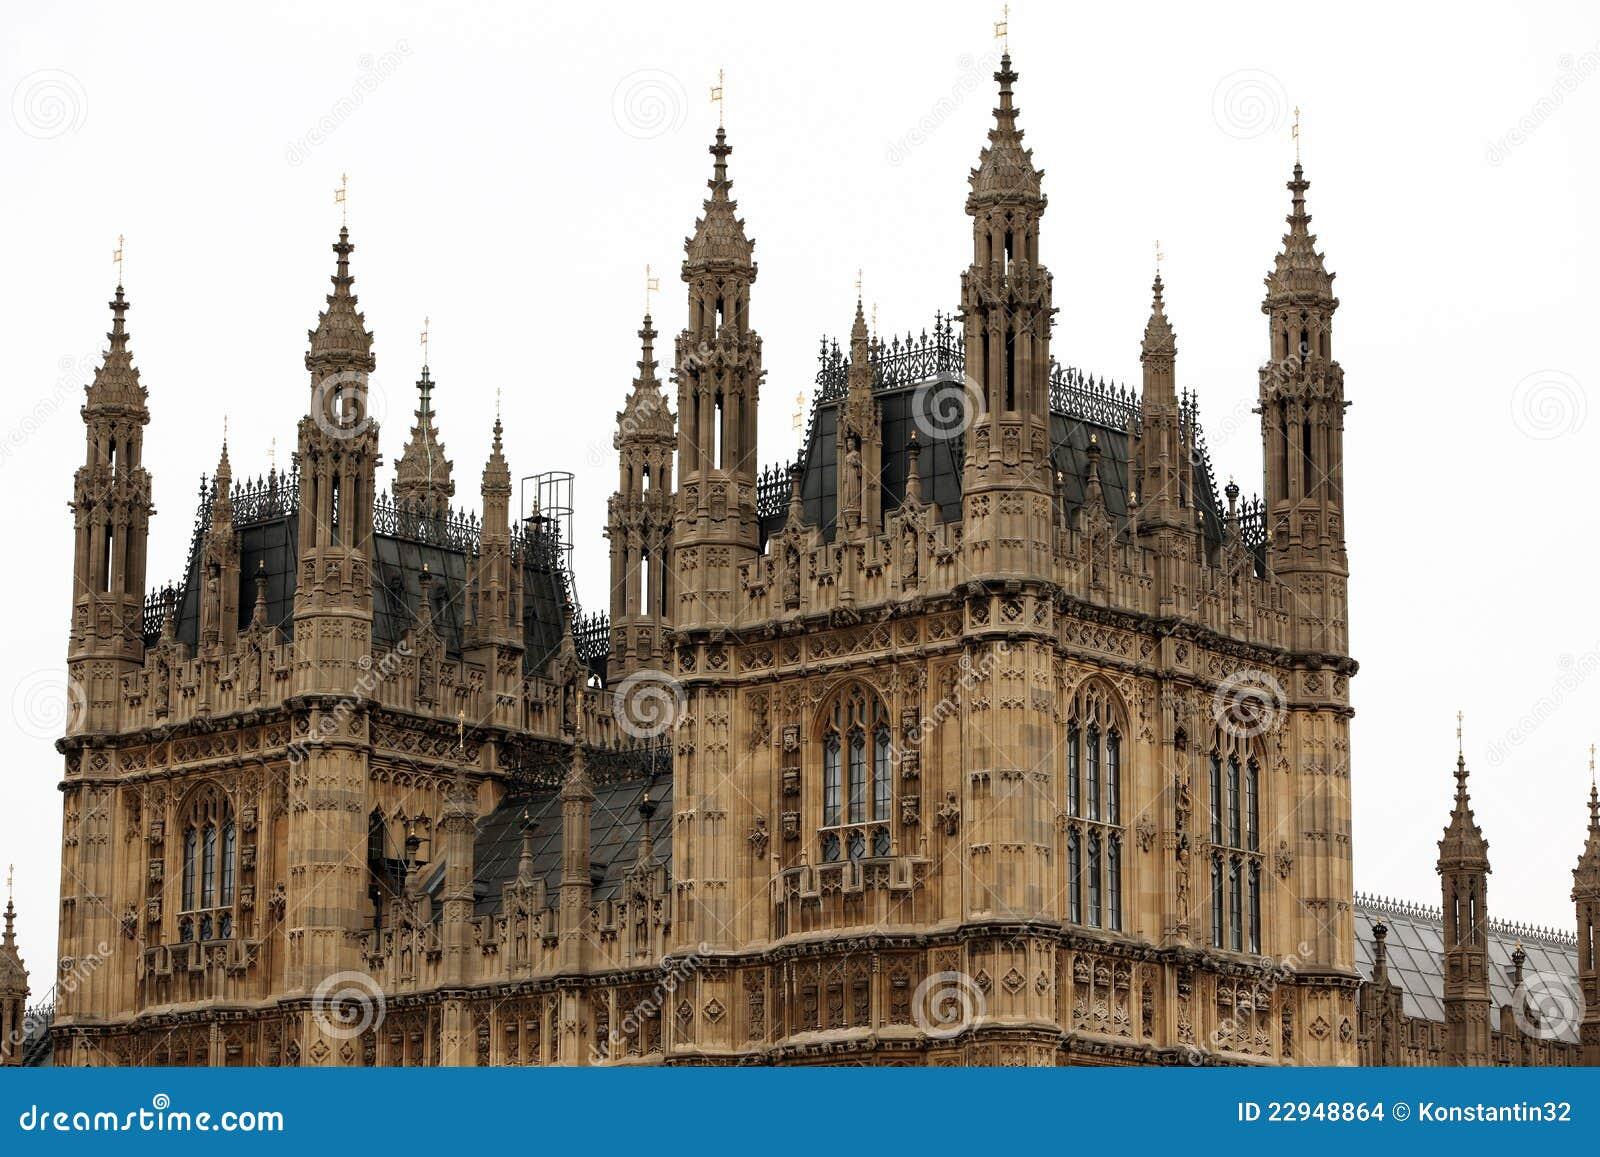 Camere del parlamento palazzo di westminster londra for Immagini del parlamento